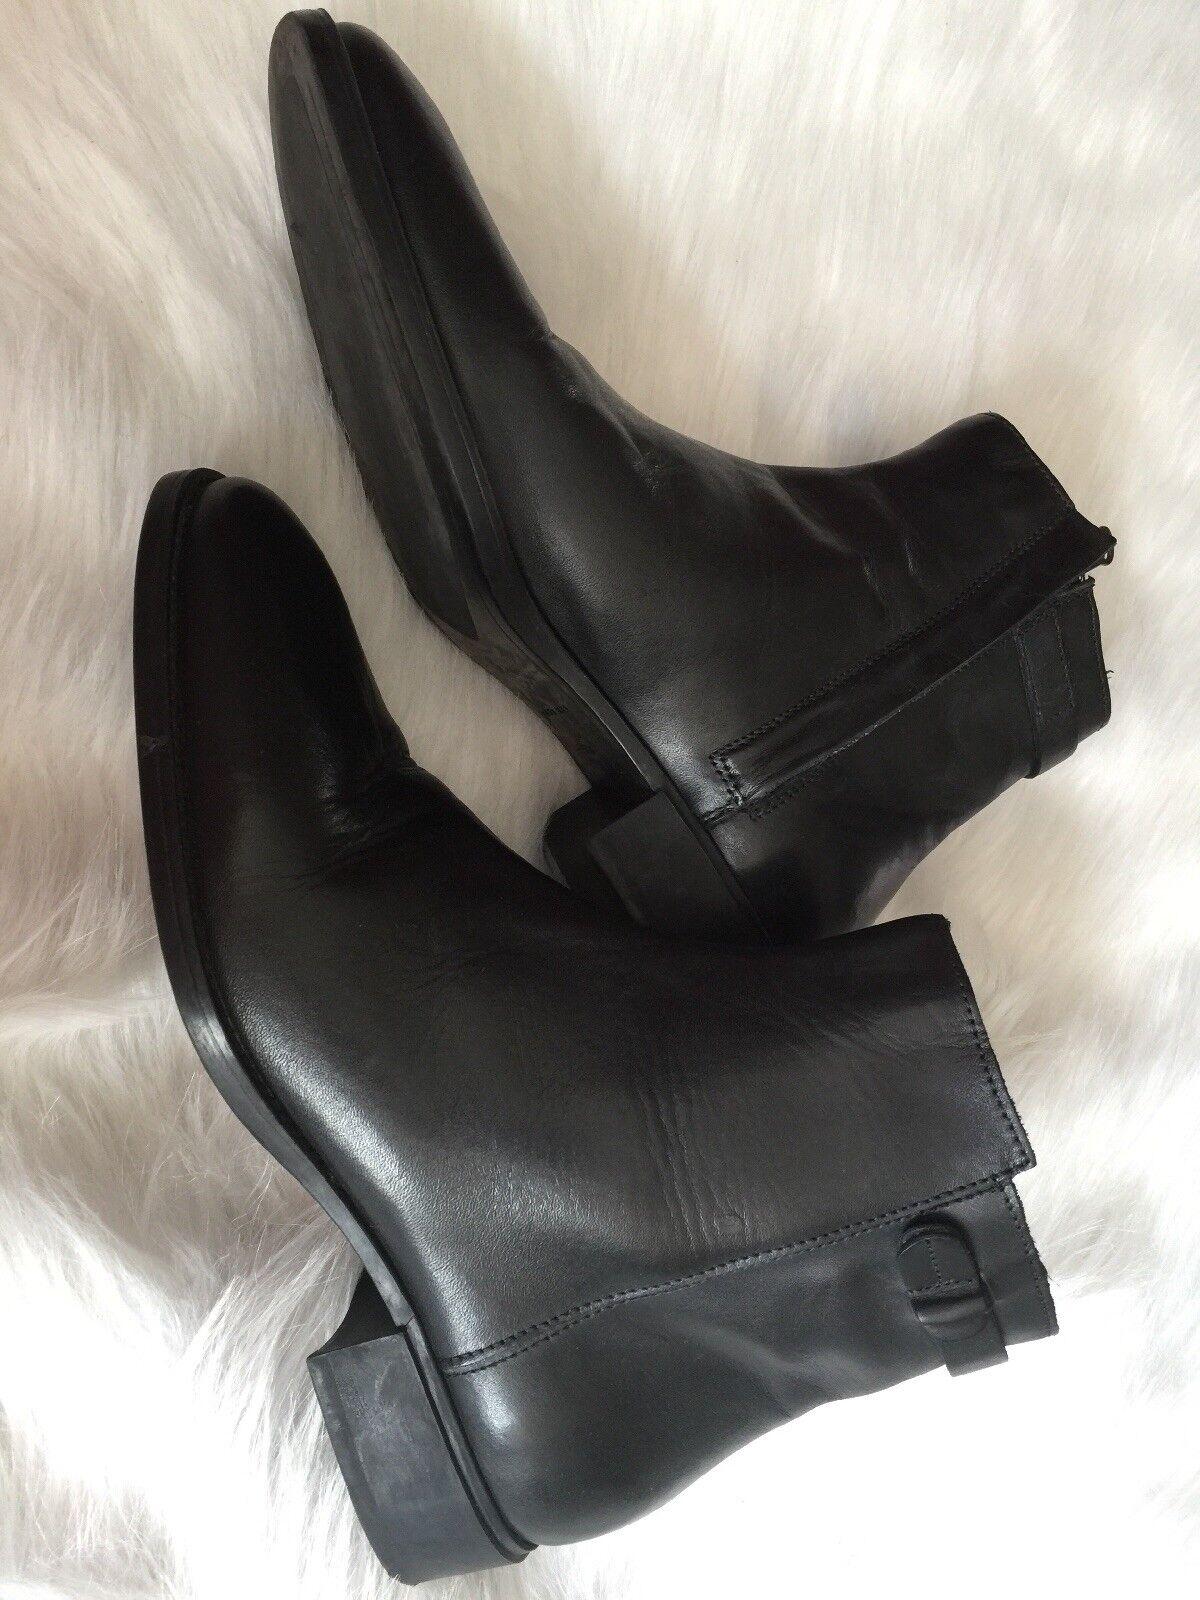 Billig hohe Qualität Zara Herrenschuhe Größe 43 Schwarz